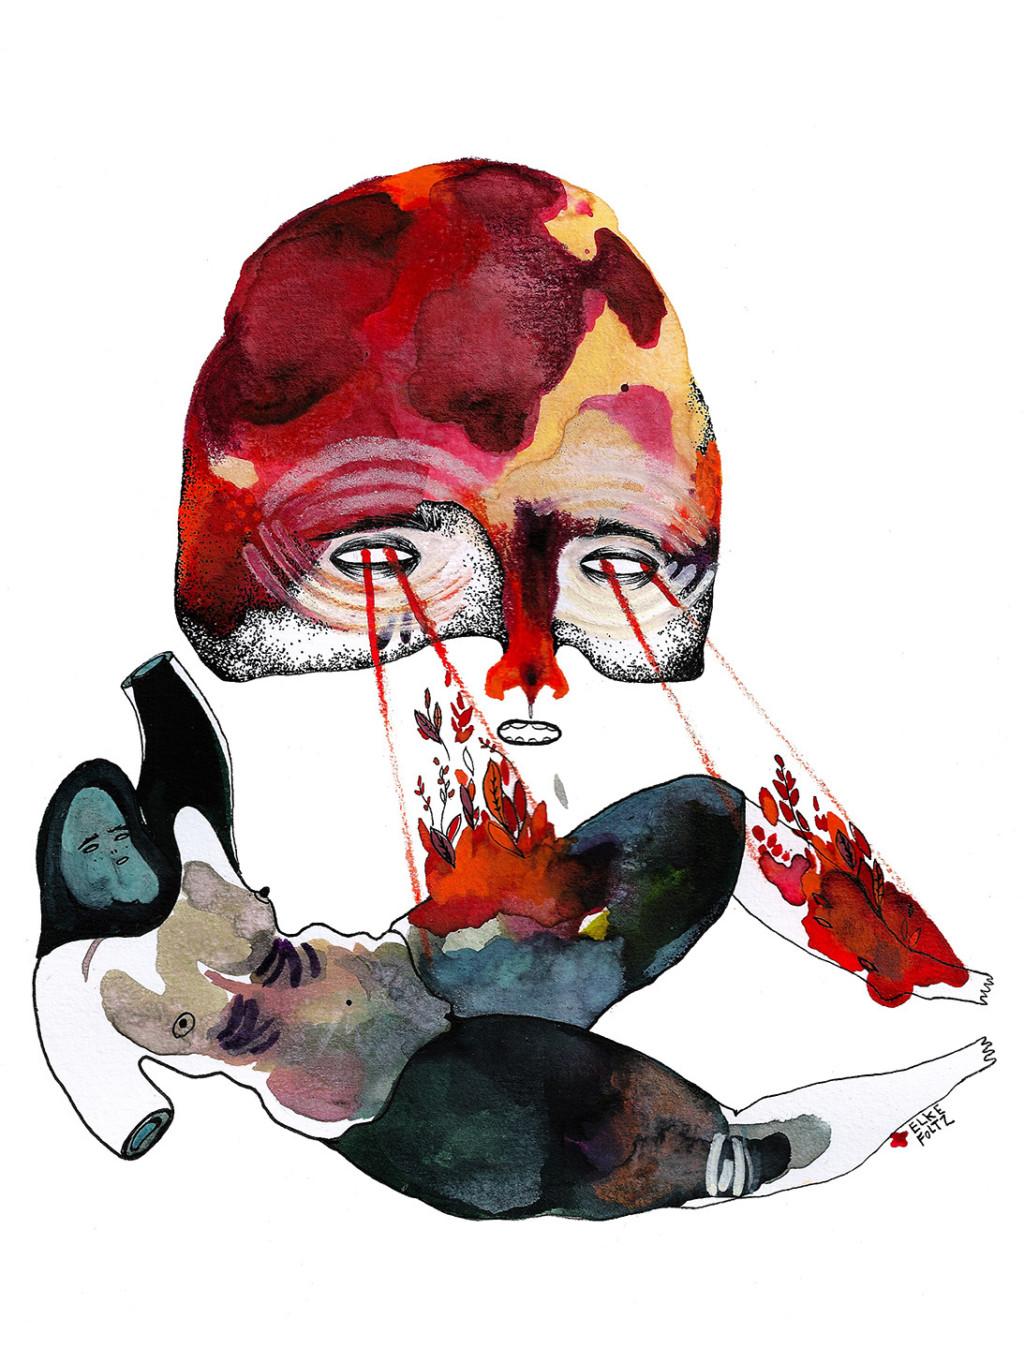 Elke Foltz / Illustration POWER OF MASKS